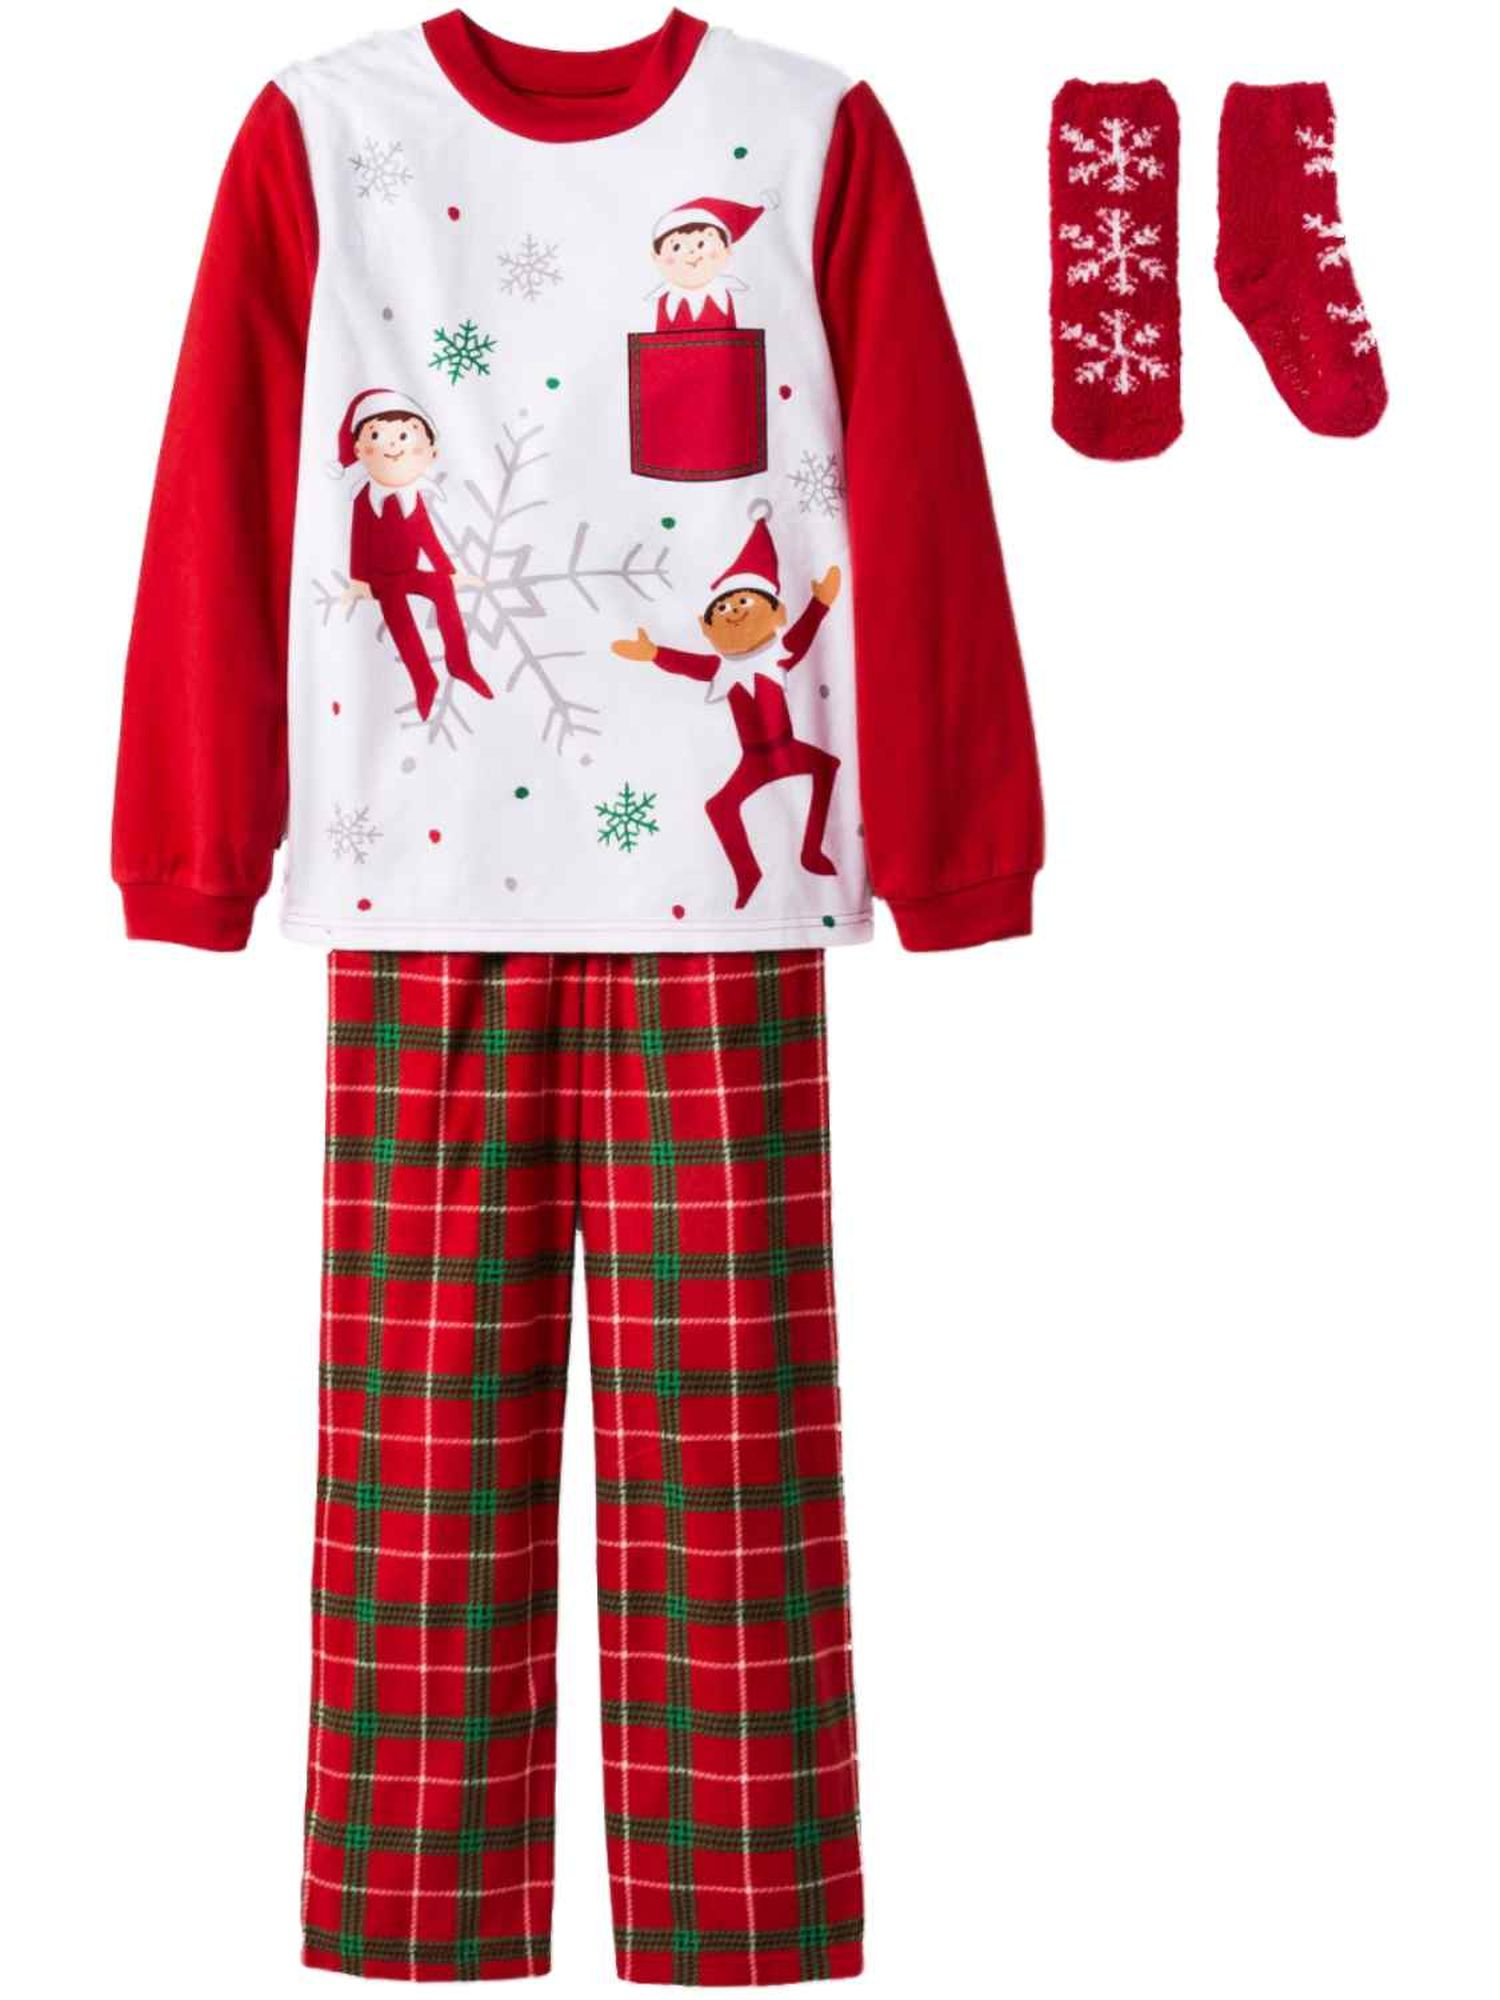 The Elf On The Shelf Polka-Dot Christmas Pajama Pj Set Girl Clothes Size 3t